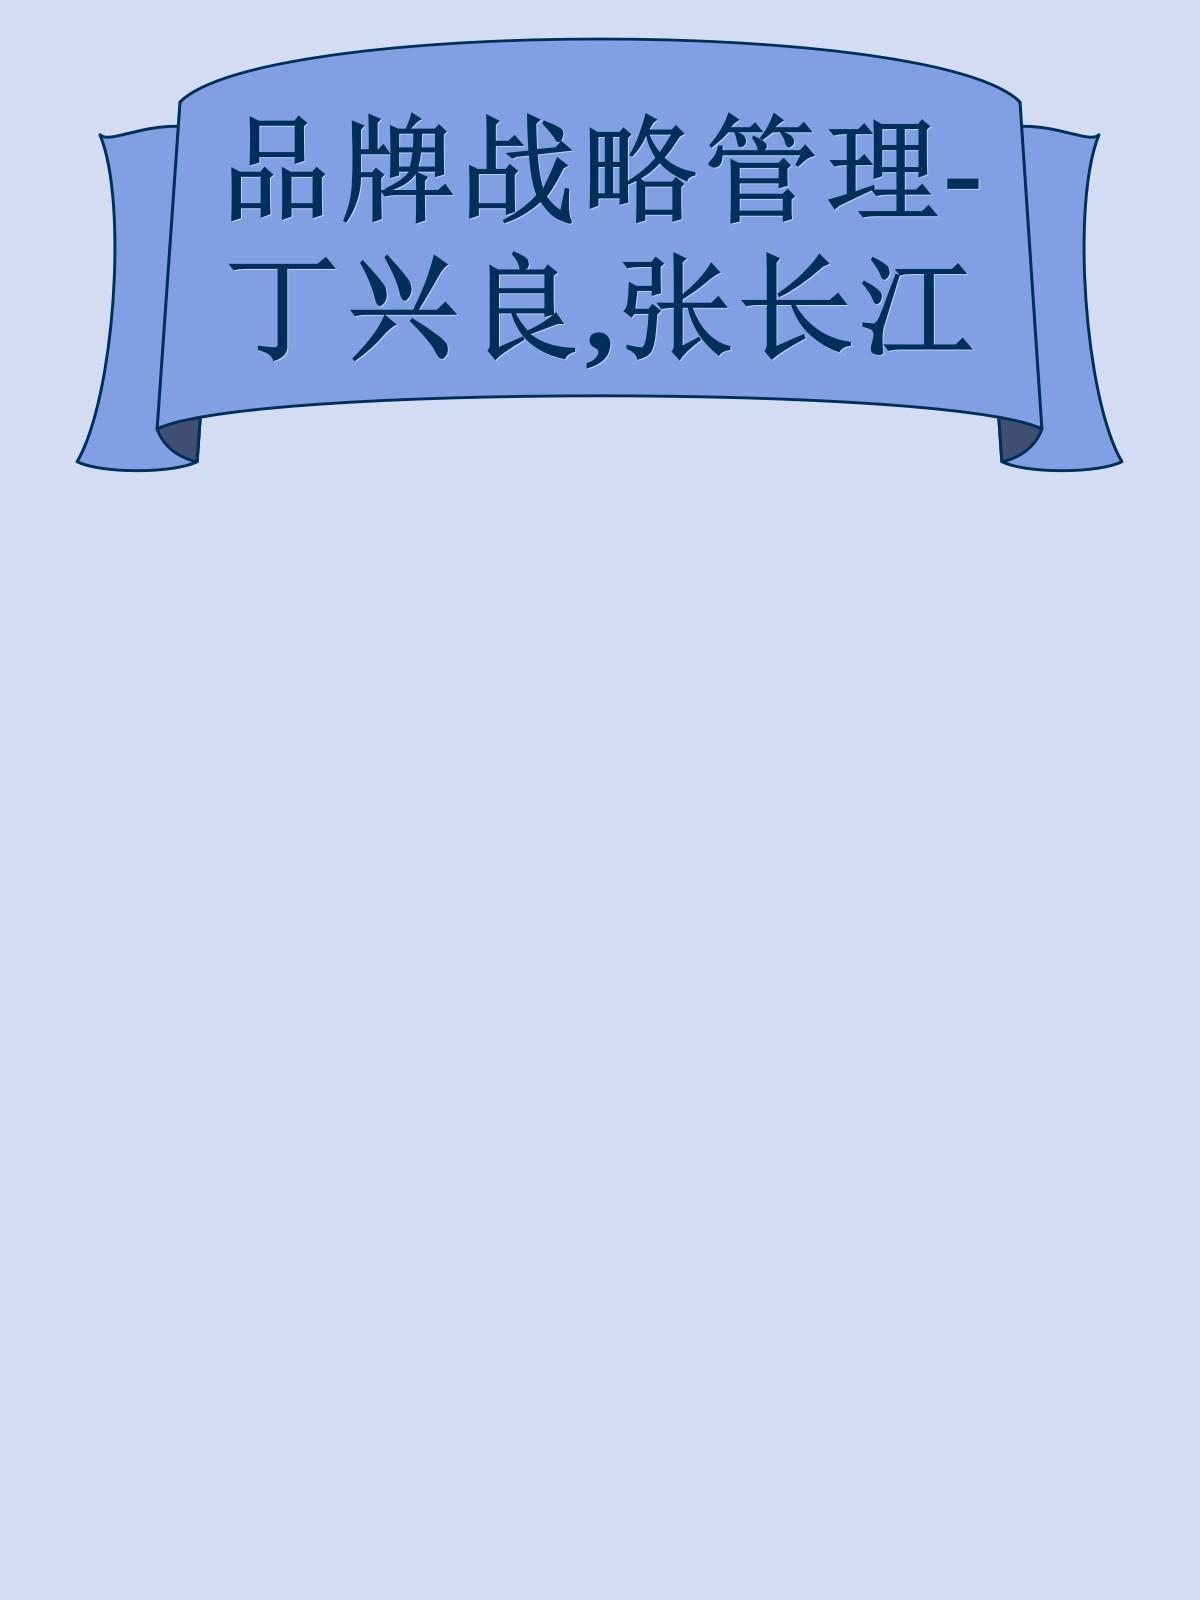 品牌战略管理-丁兴良,张长江-免费小说下载